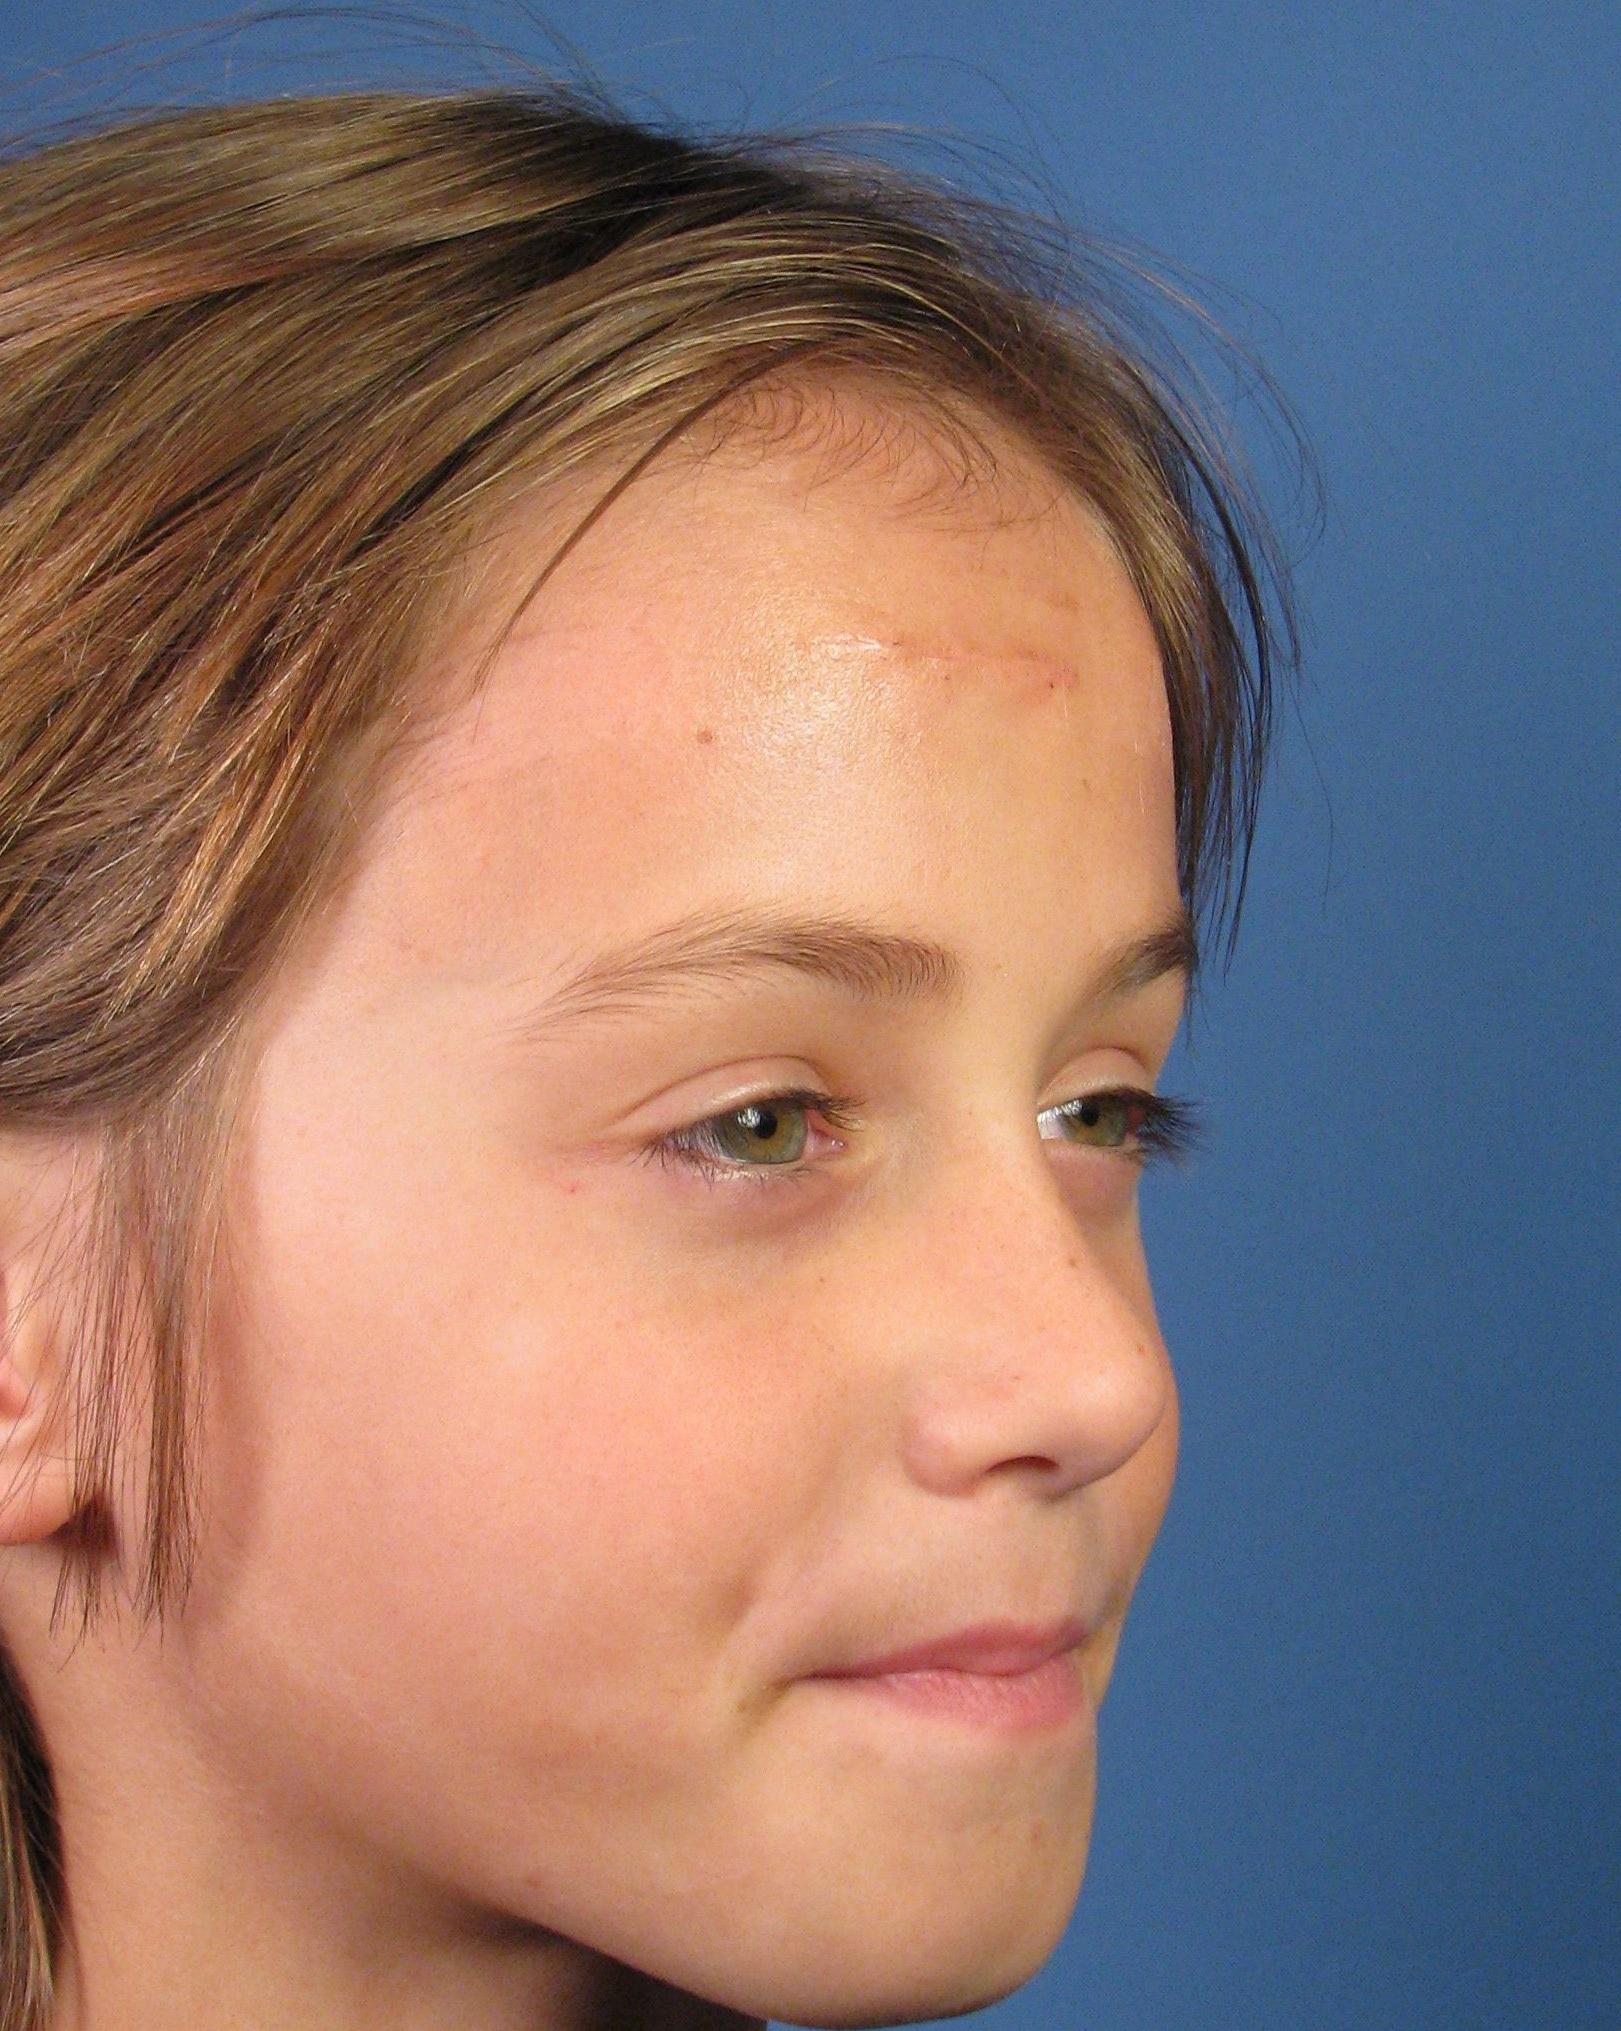 Facial scar healing